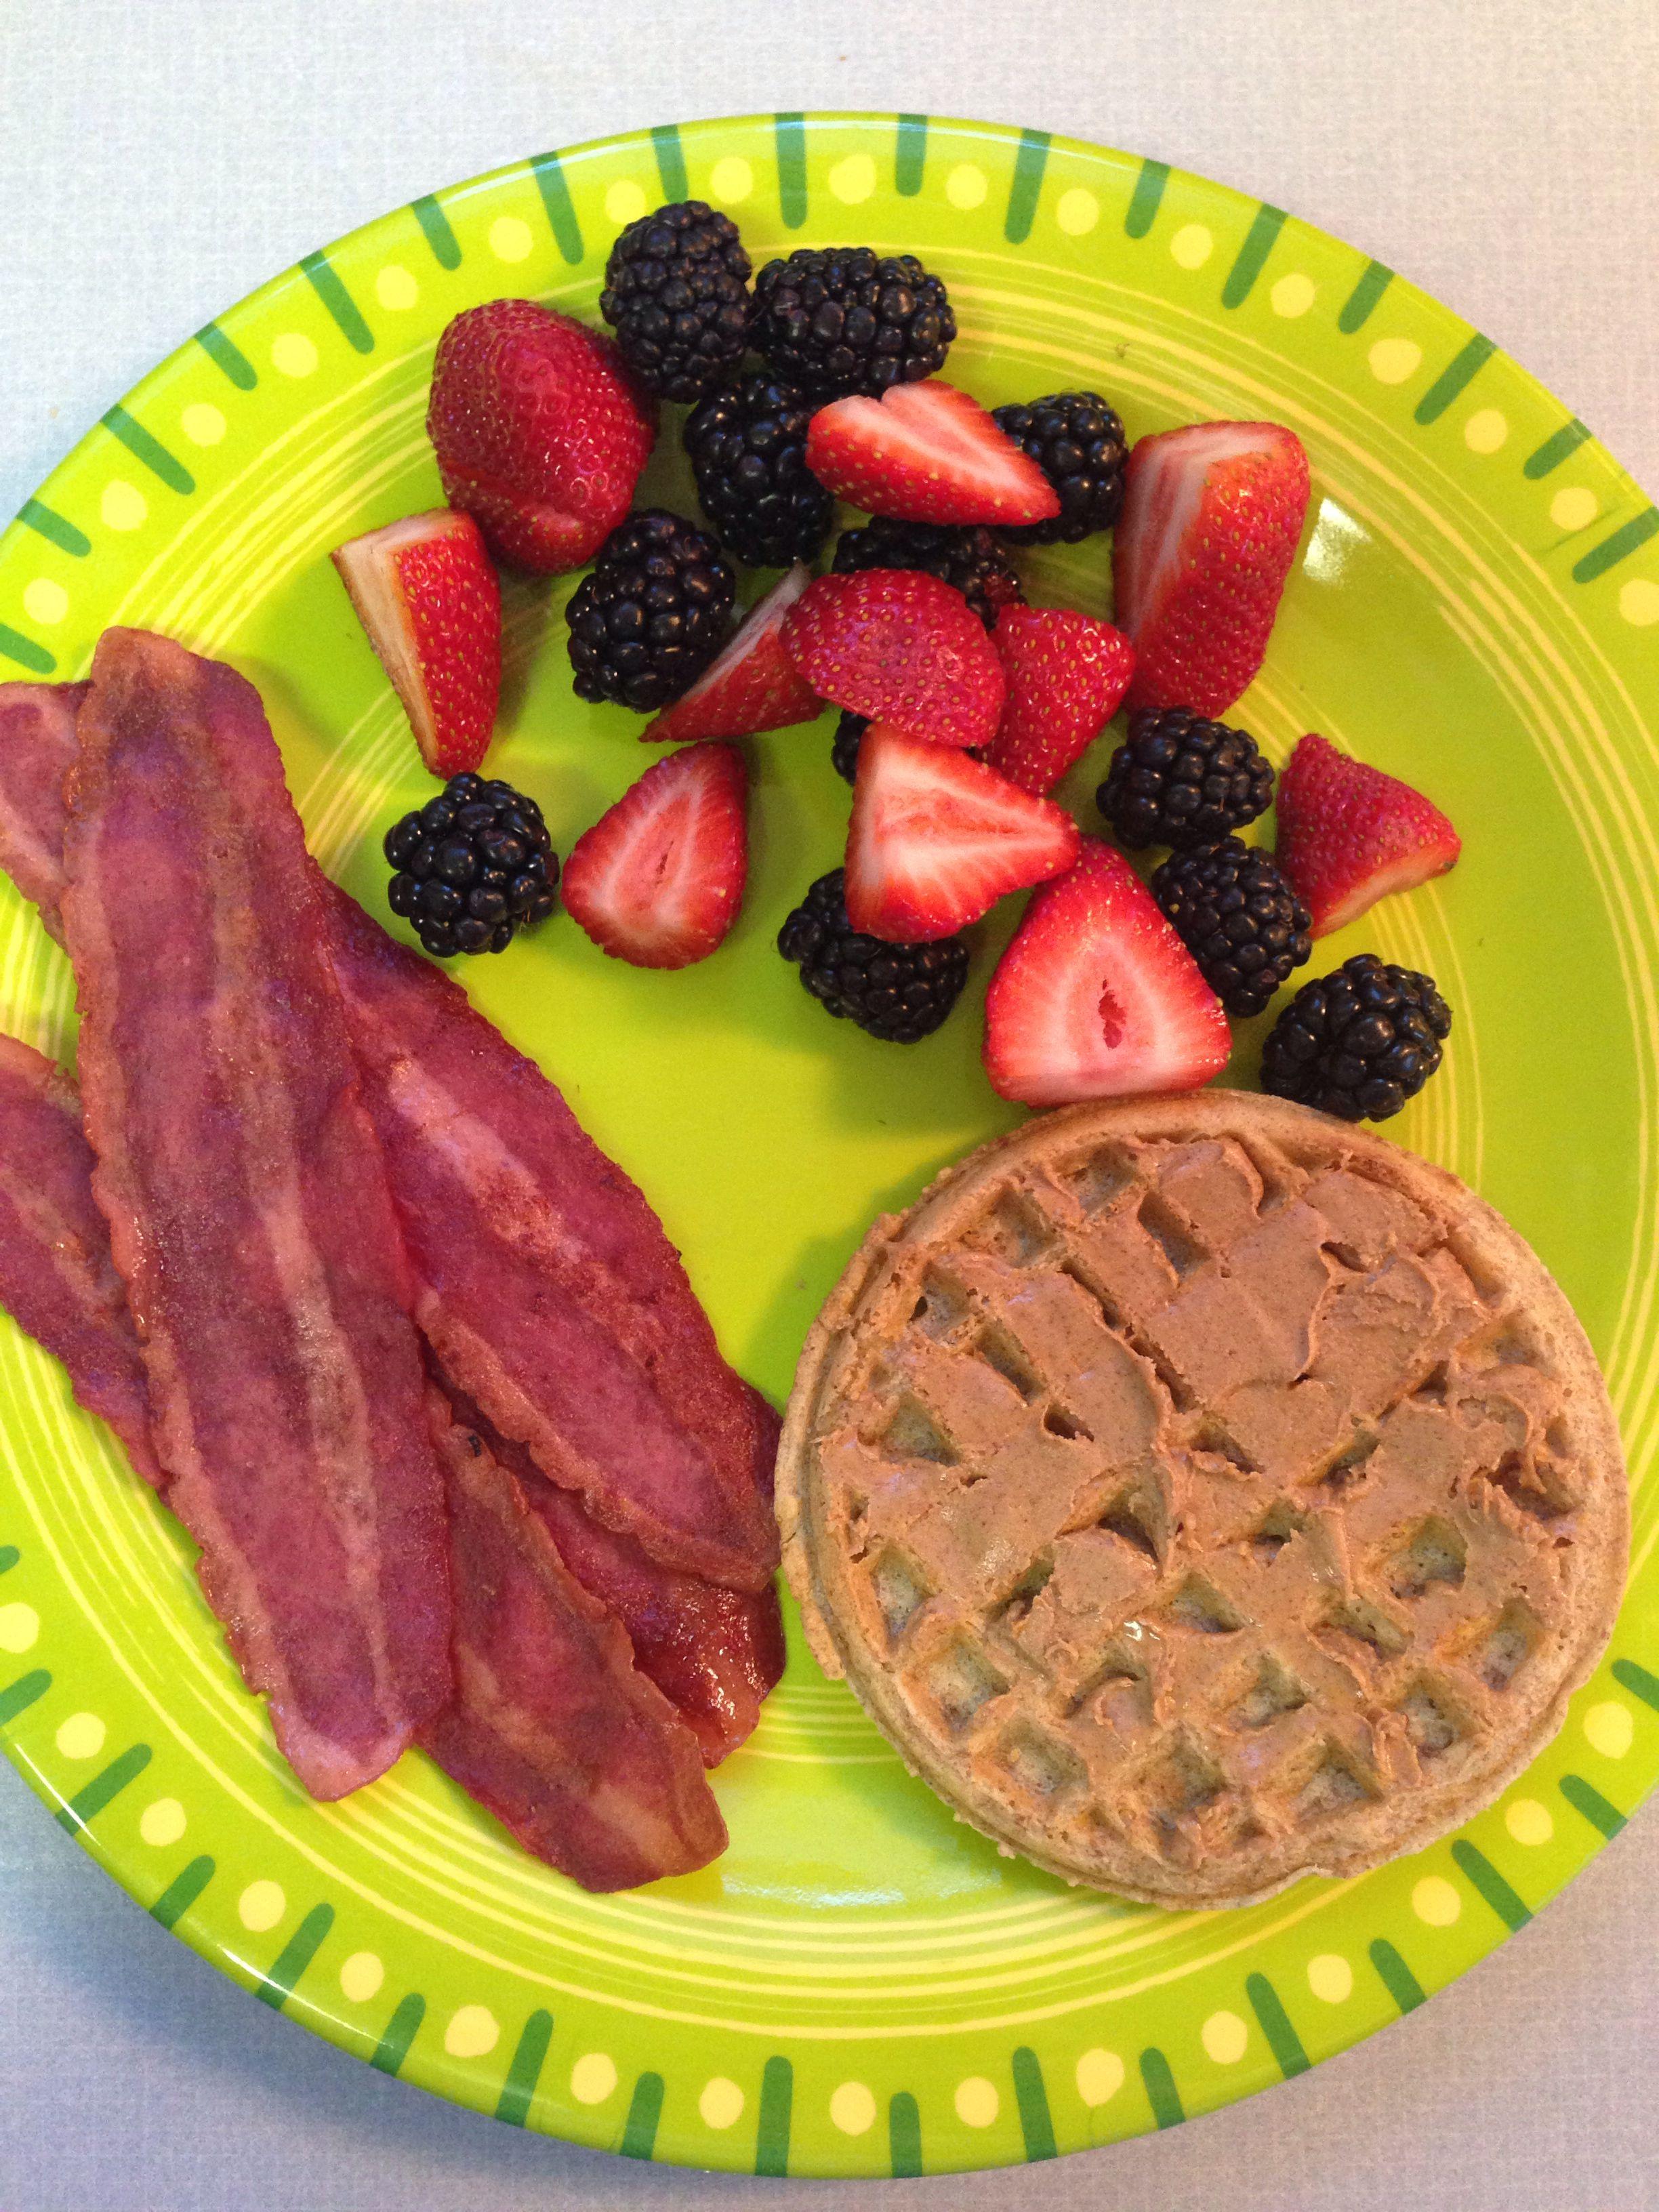 21 DAY FIX - breakfast - 1 yellow (whole wheat waffle), 1